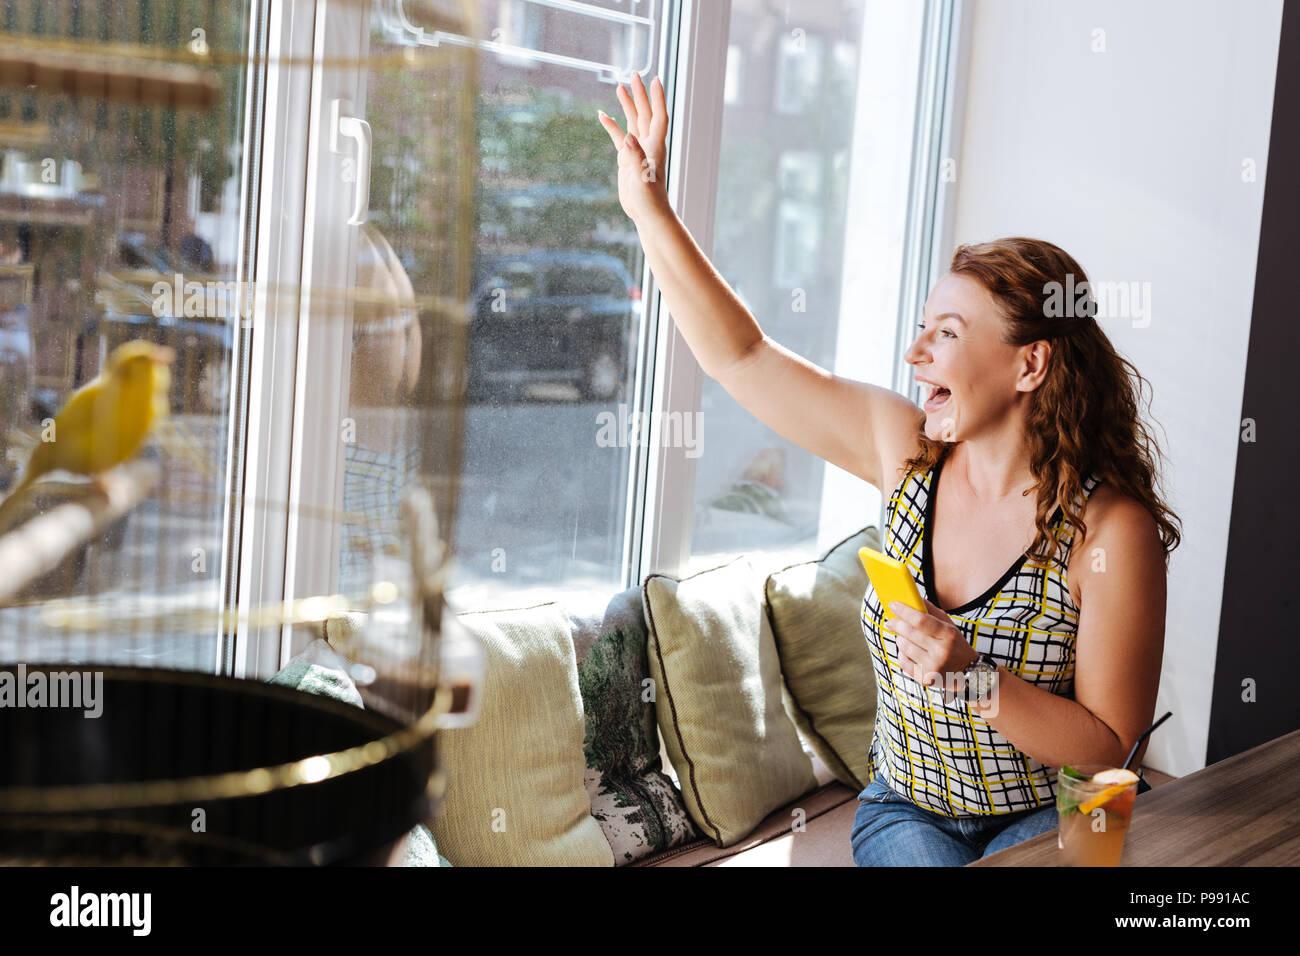 Donna felice di vedere il suo vecchio amico mentre è seduto in cafe Immagini Stock